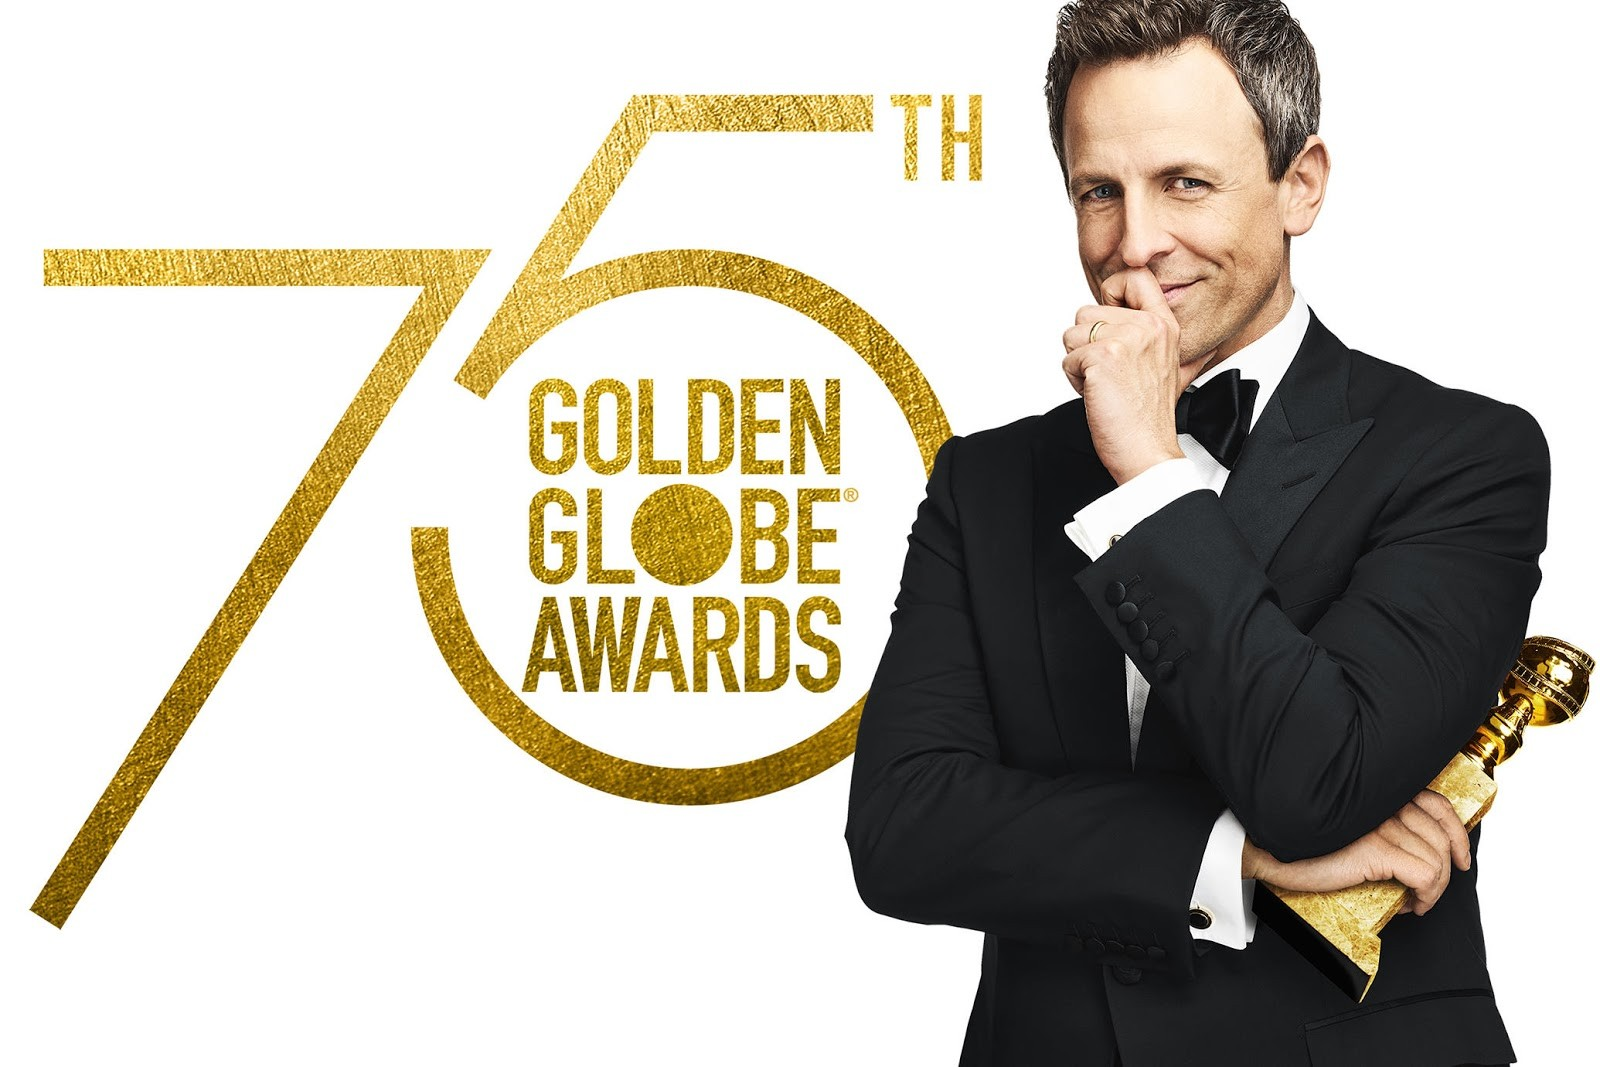 Seth Meyers, apresentador da cerimônia do Globo de Ouro em 2018 (Foto: divulgação)